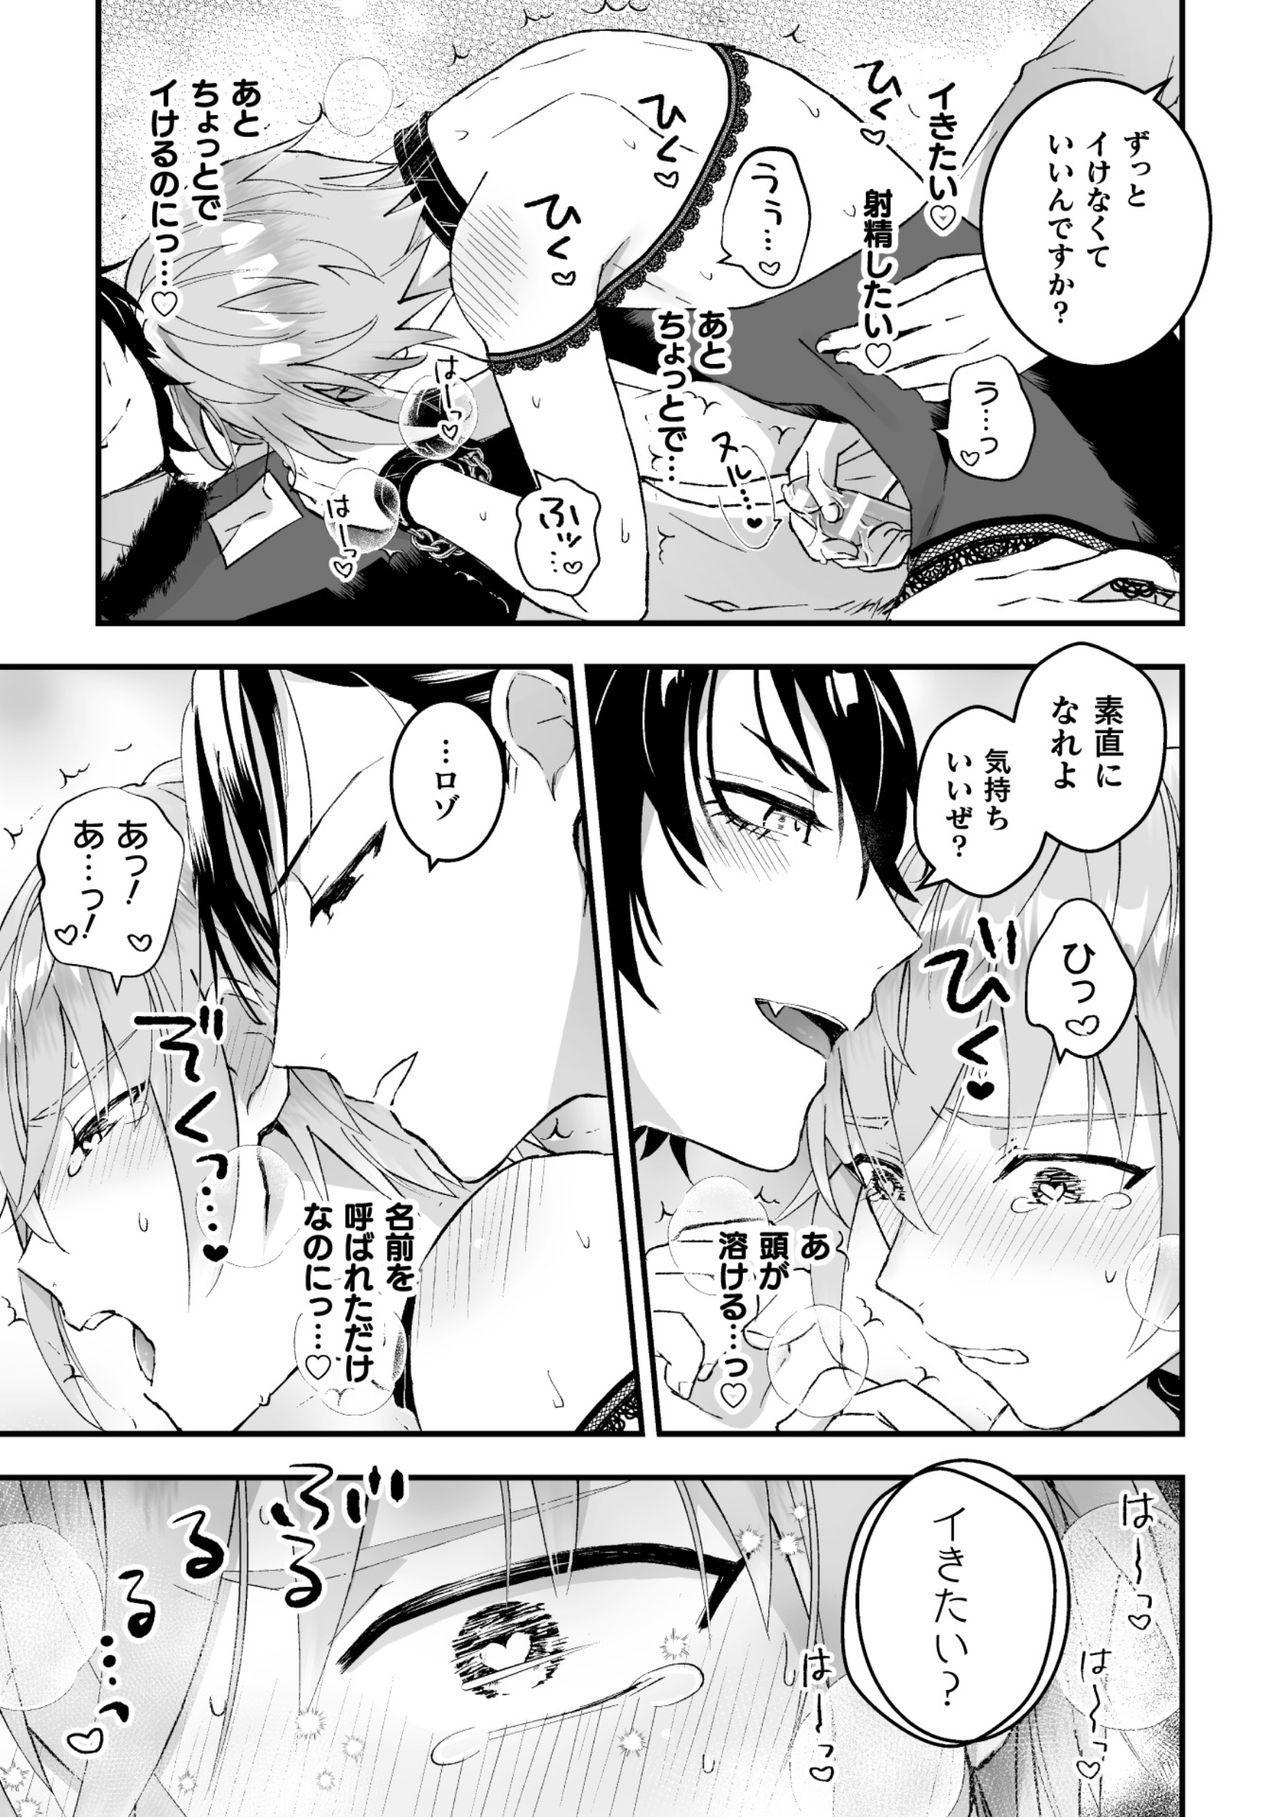 """Otoko Kishi ga """"Ku, Korose!"""" tte Iu kara Mesu Choukyou Shitemita Ch. 3 16"""